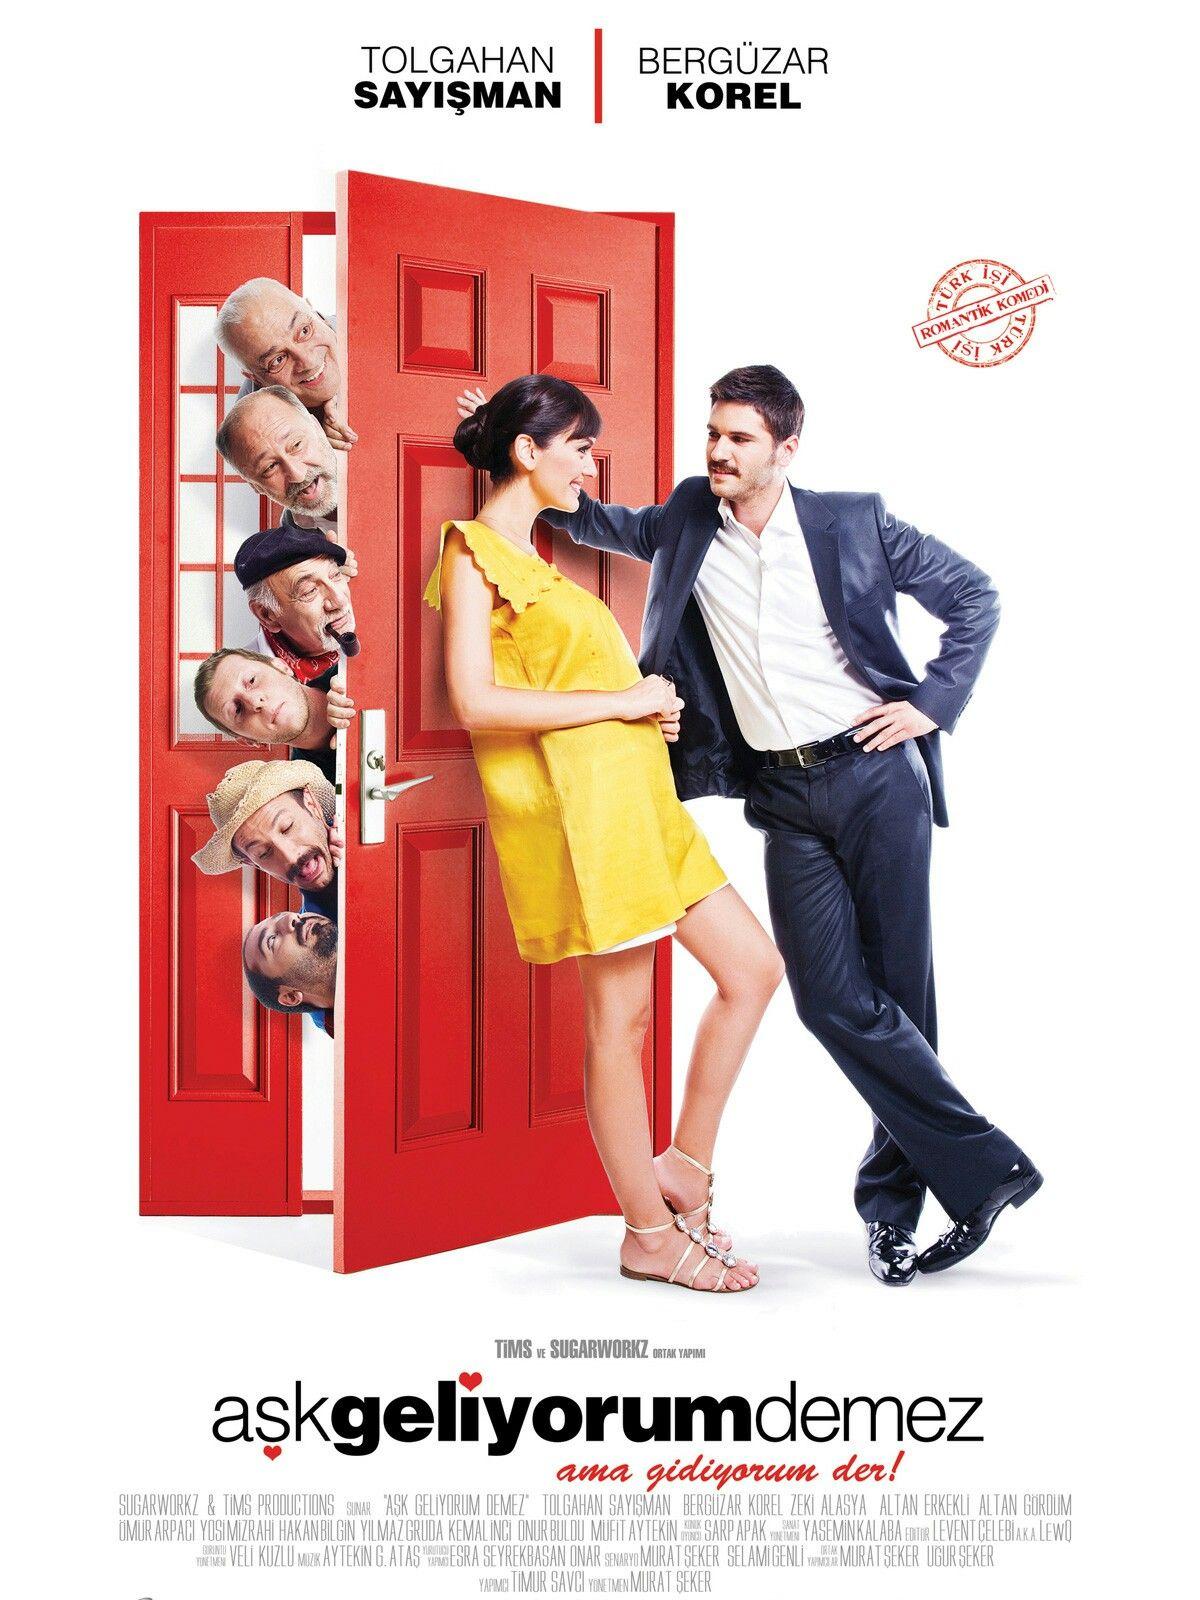 Elmaz Firtin Adli Kullanicinin Film Onerilerim Panosundaki Pin 2020 Film Romantik Filmler Sinema